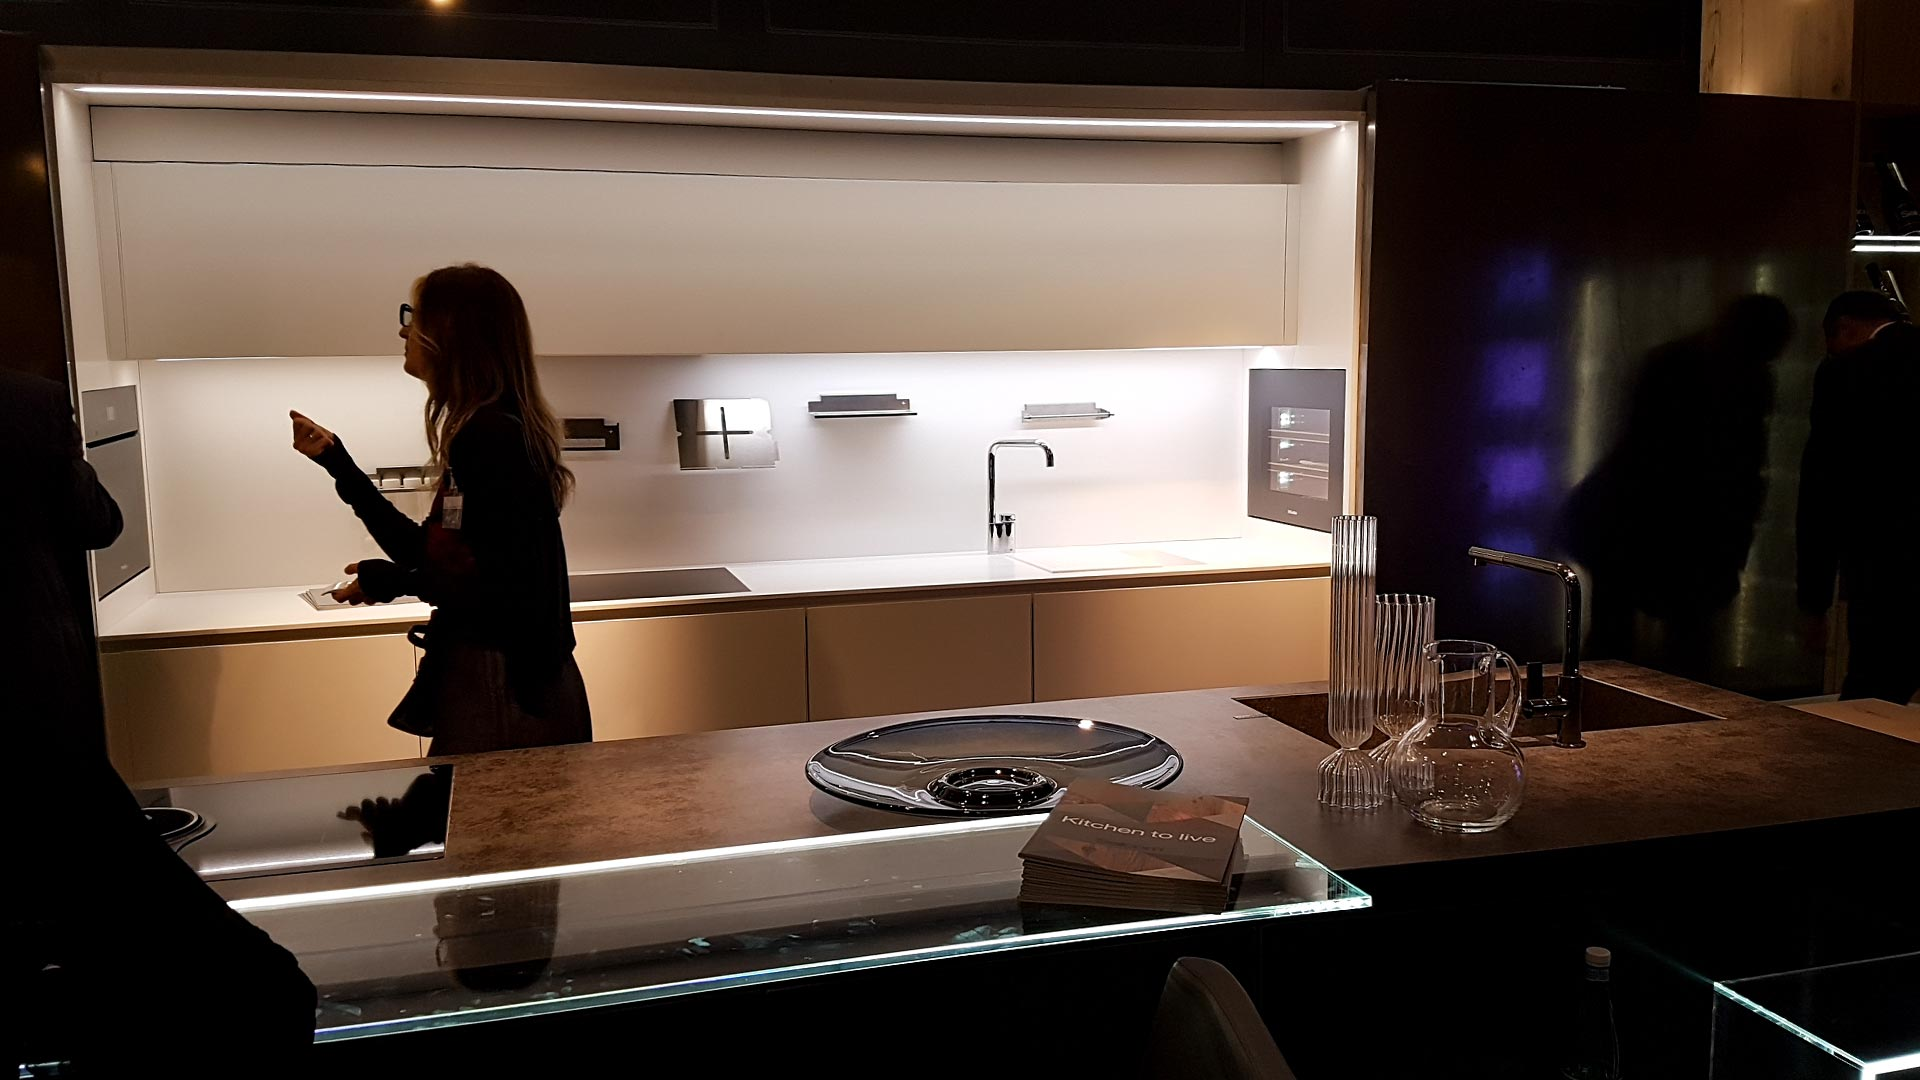 Nett Aktuelle Küchentrends 2014 Nz Zeitgenössisch - Küchenschrank ...